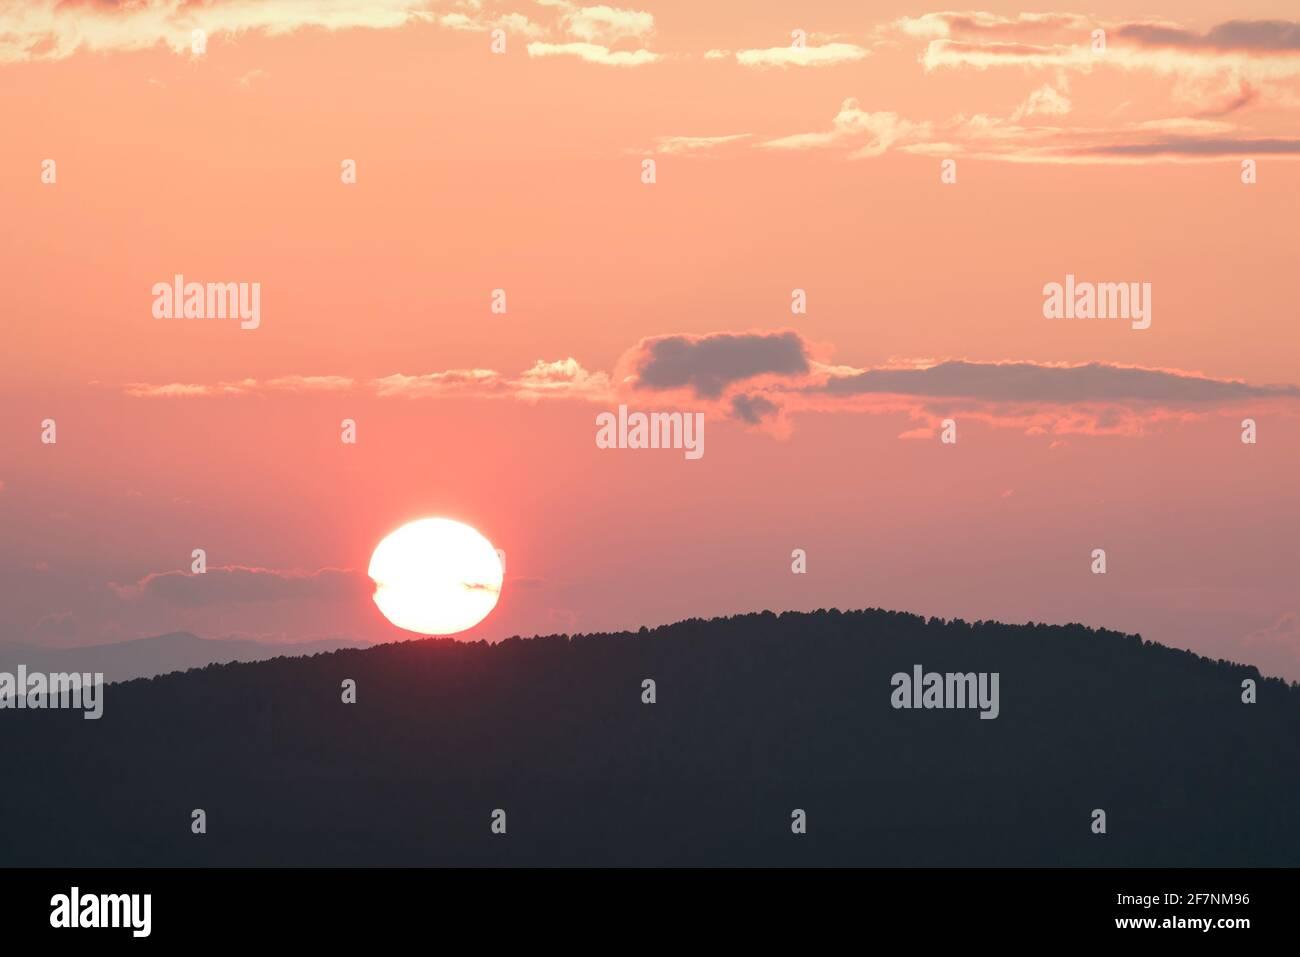 Increíble y delicada puesta de sol rosa con un disco redondo para el sol los contornos de las montañas cubiertas de bosque y nubes iluminadas en el cielo Foto de stock